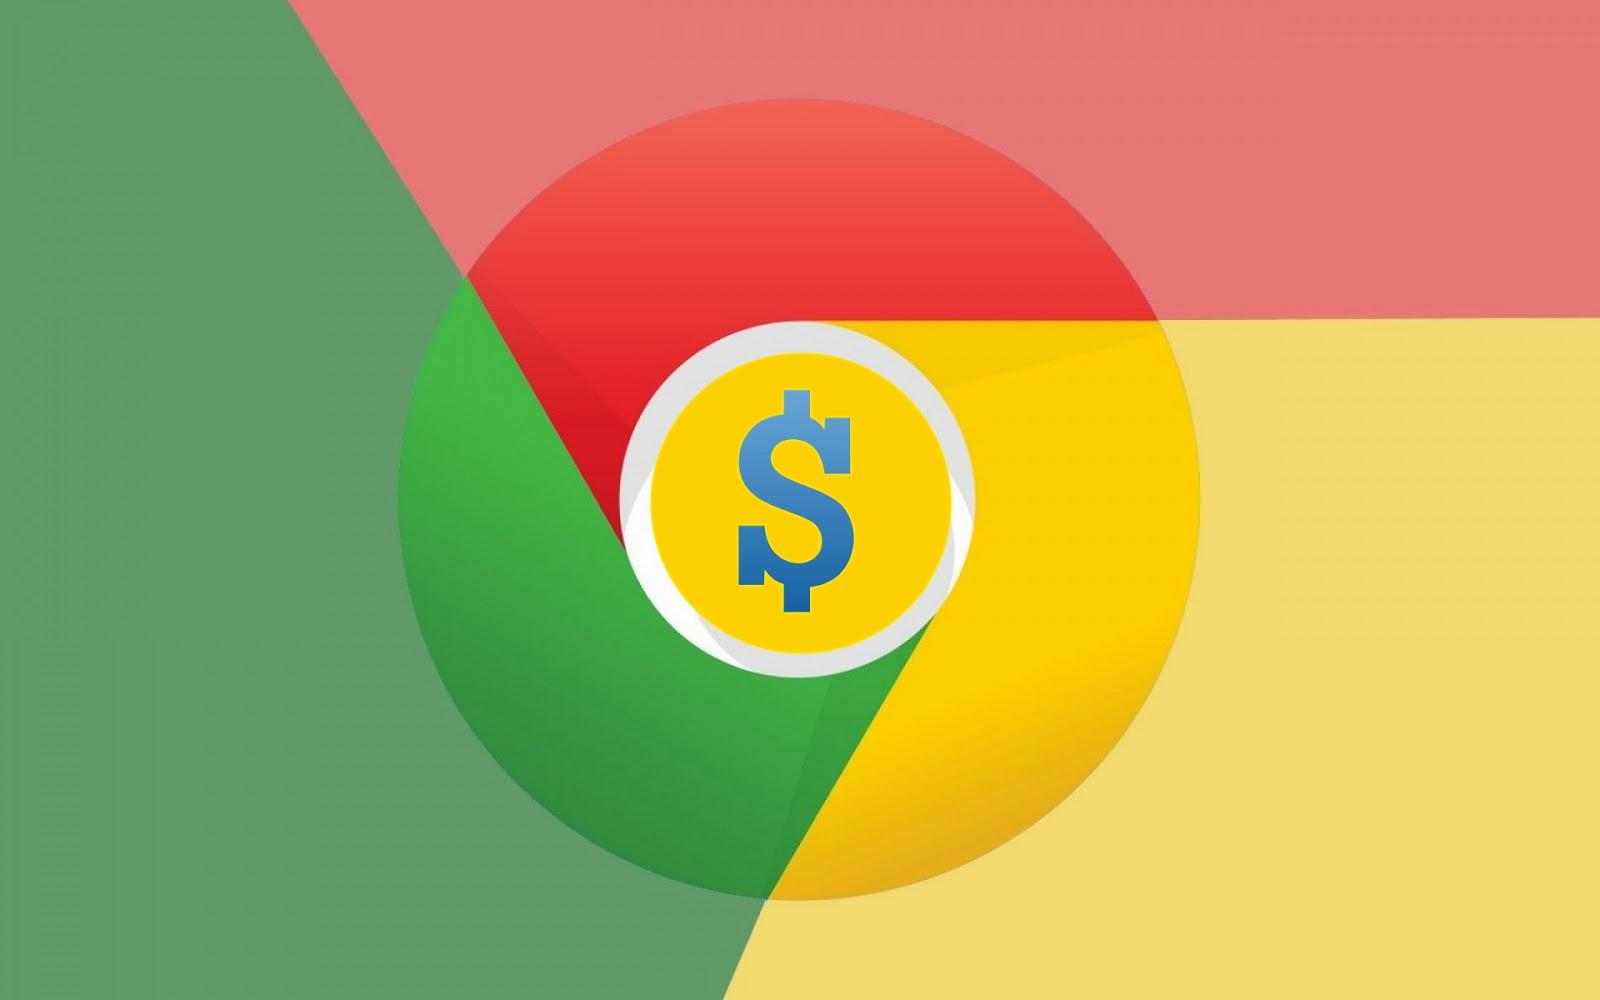 Google раскрыла детали уязвимостей в Chrome ОС, принесших нашедшему их эксперту $100 000